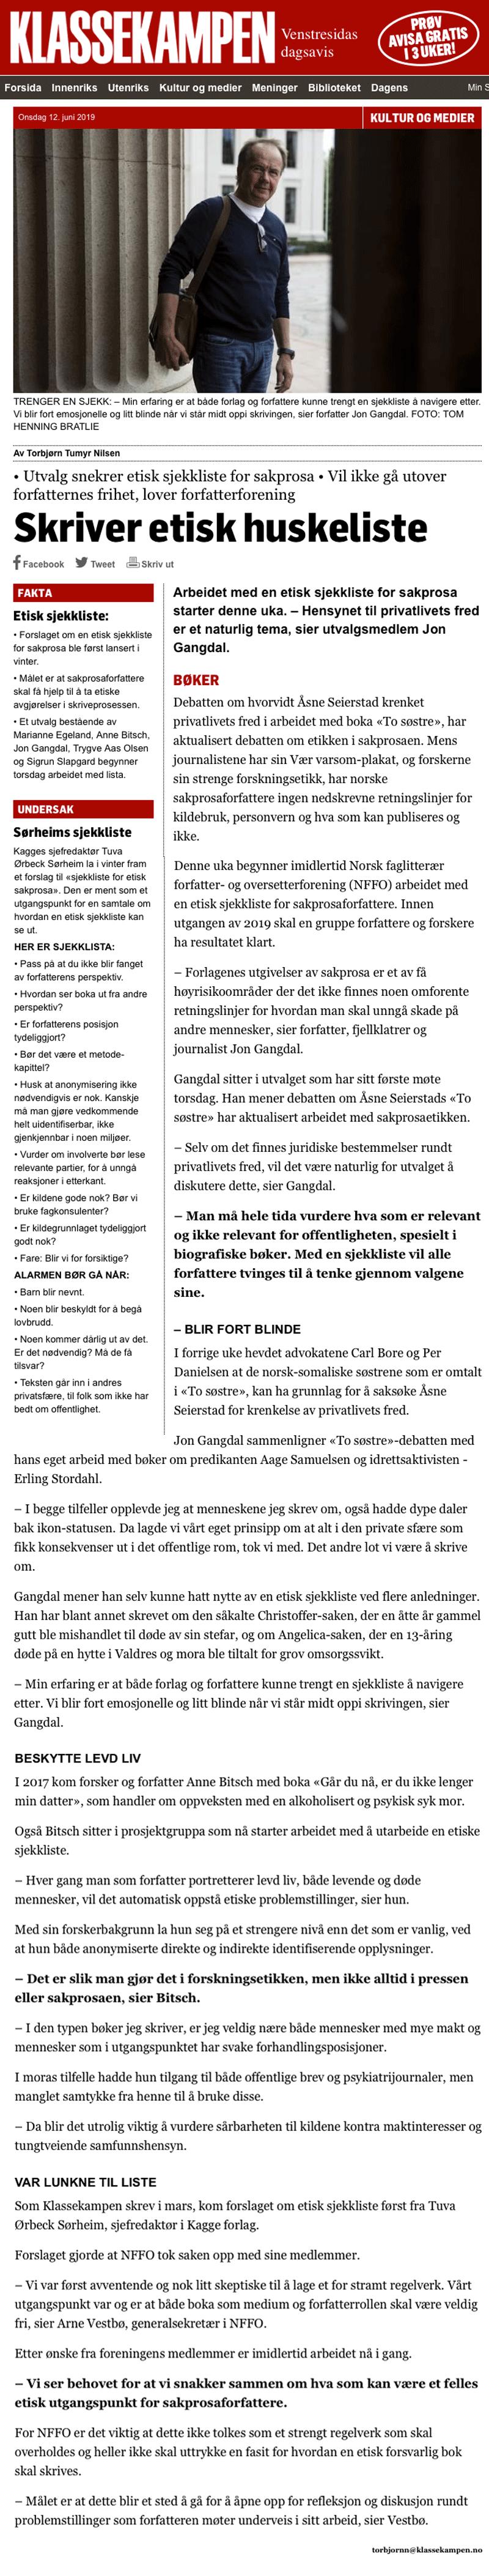 Kan ha grunnlag for å saksøke Åsne Seierstad. Alminnelig praksis. Advokat Danielsen & Co. Per Danielsen. Advokat i Oslo.